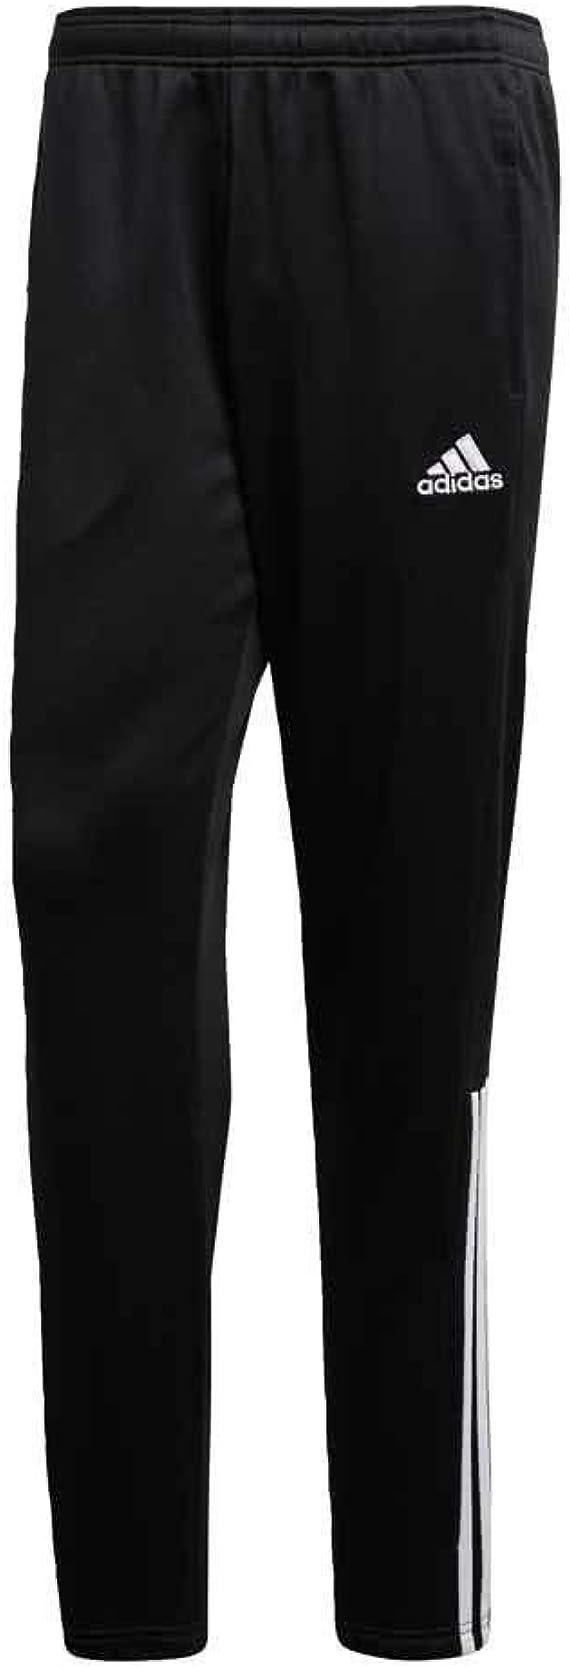 Adidas Regista 18 - Pantalónes de fútbol para Hombre: Amazon.es ...